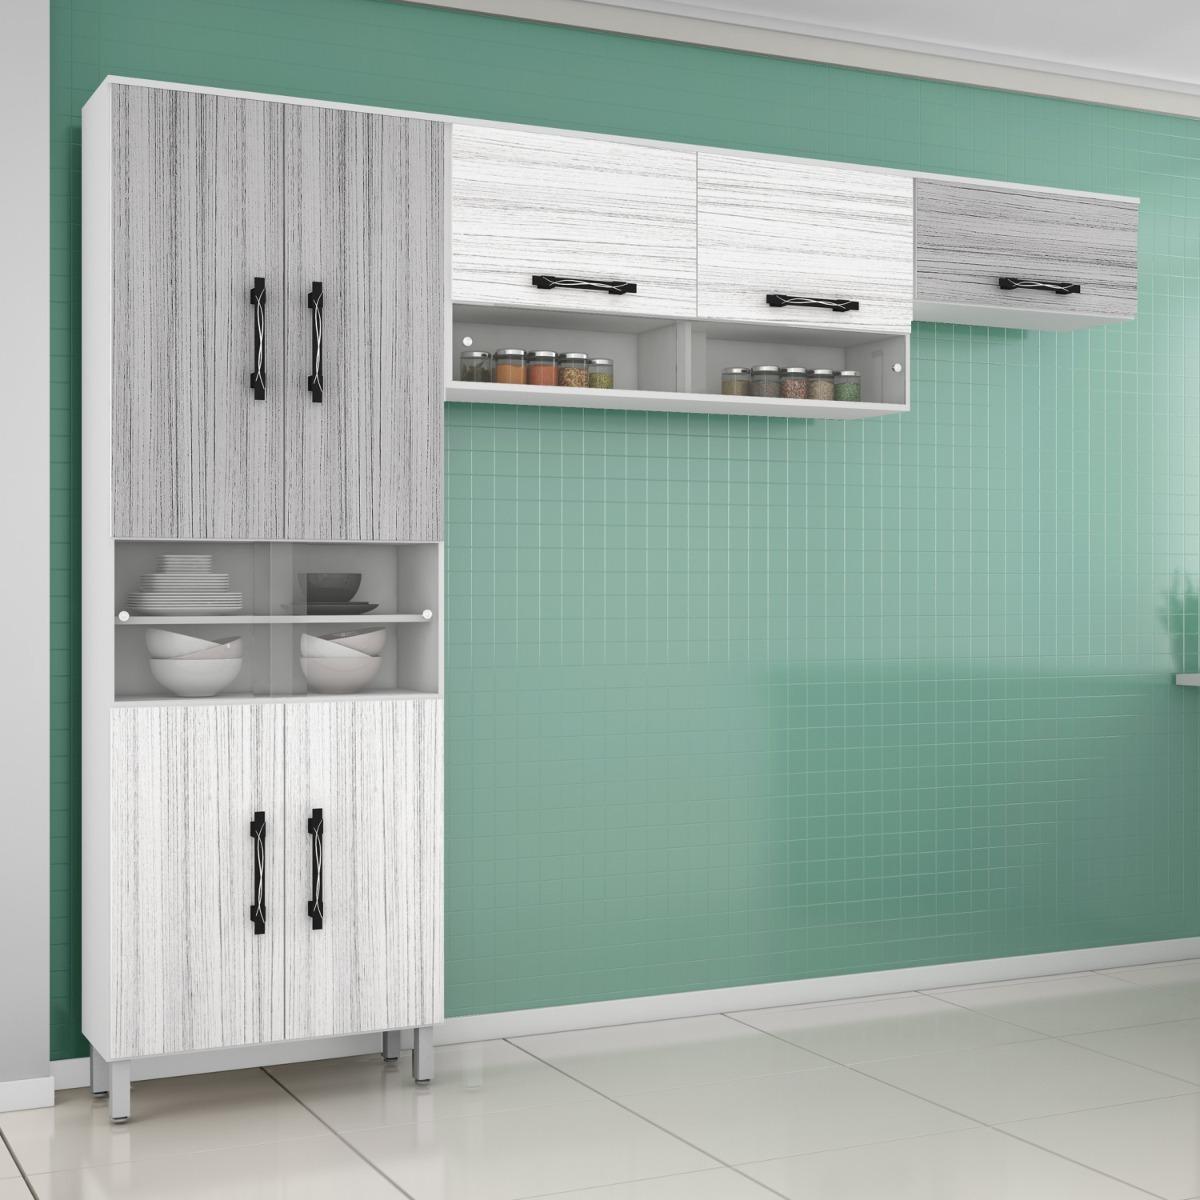 Cozinha Compacta 3 Pe As 11 Portas Em Mdf Vidro Gjwt R 355 10 Em